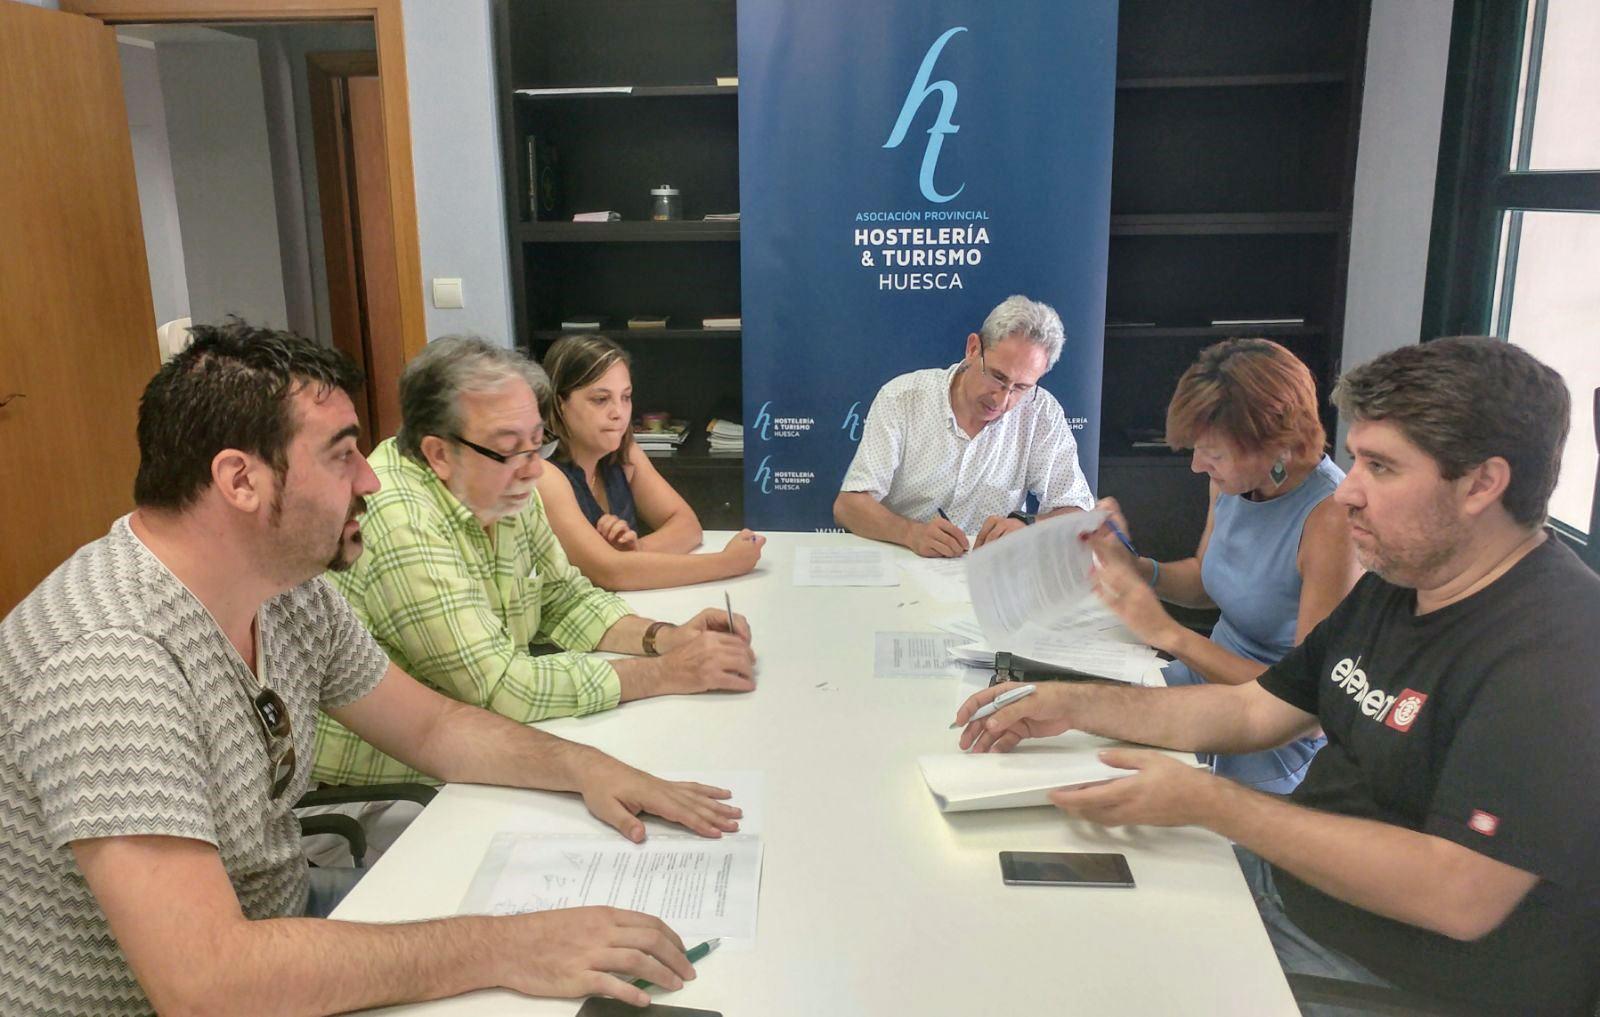 Firma del nuevo Convenio de Hostelería en la provincia de Huesca, logro empresarial y sindical